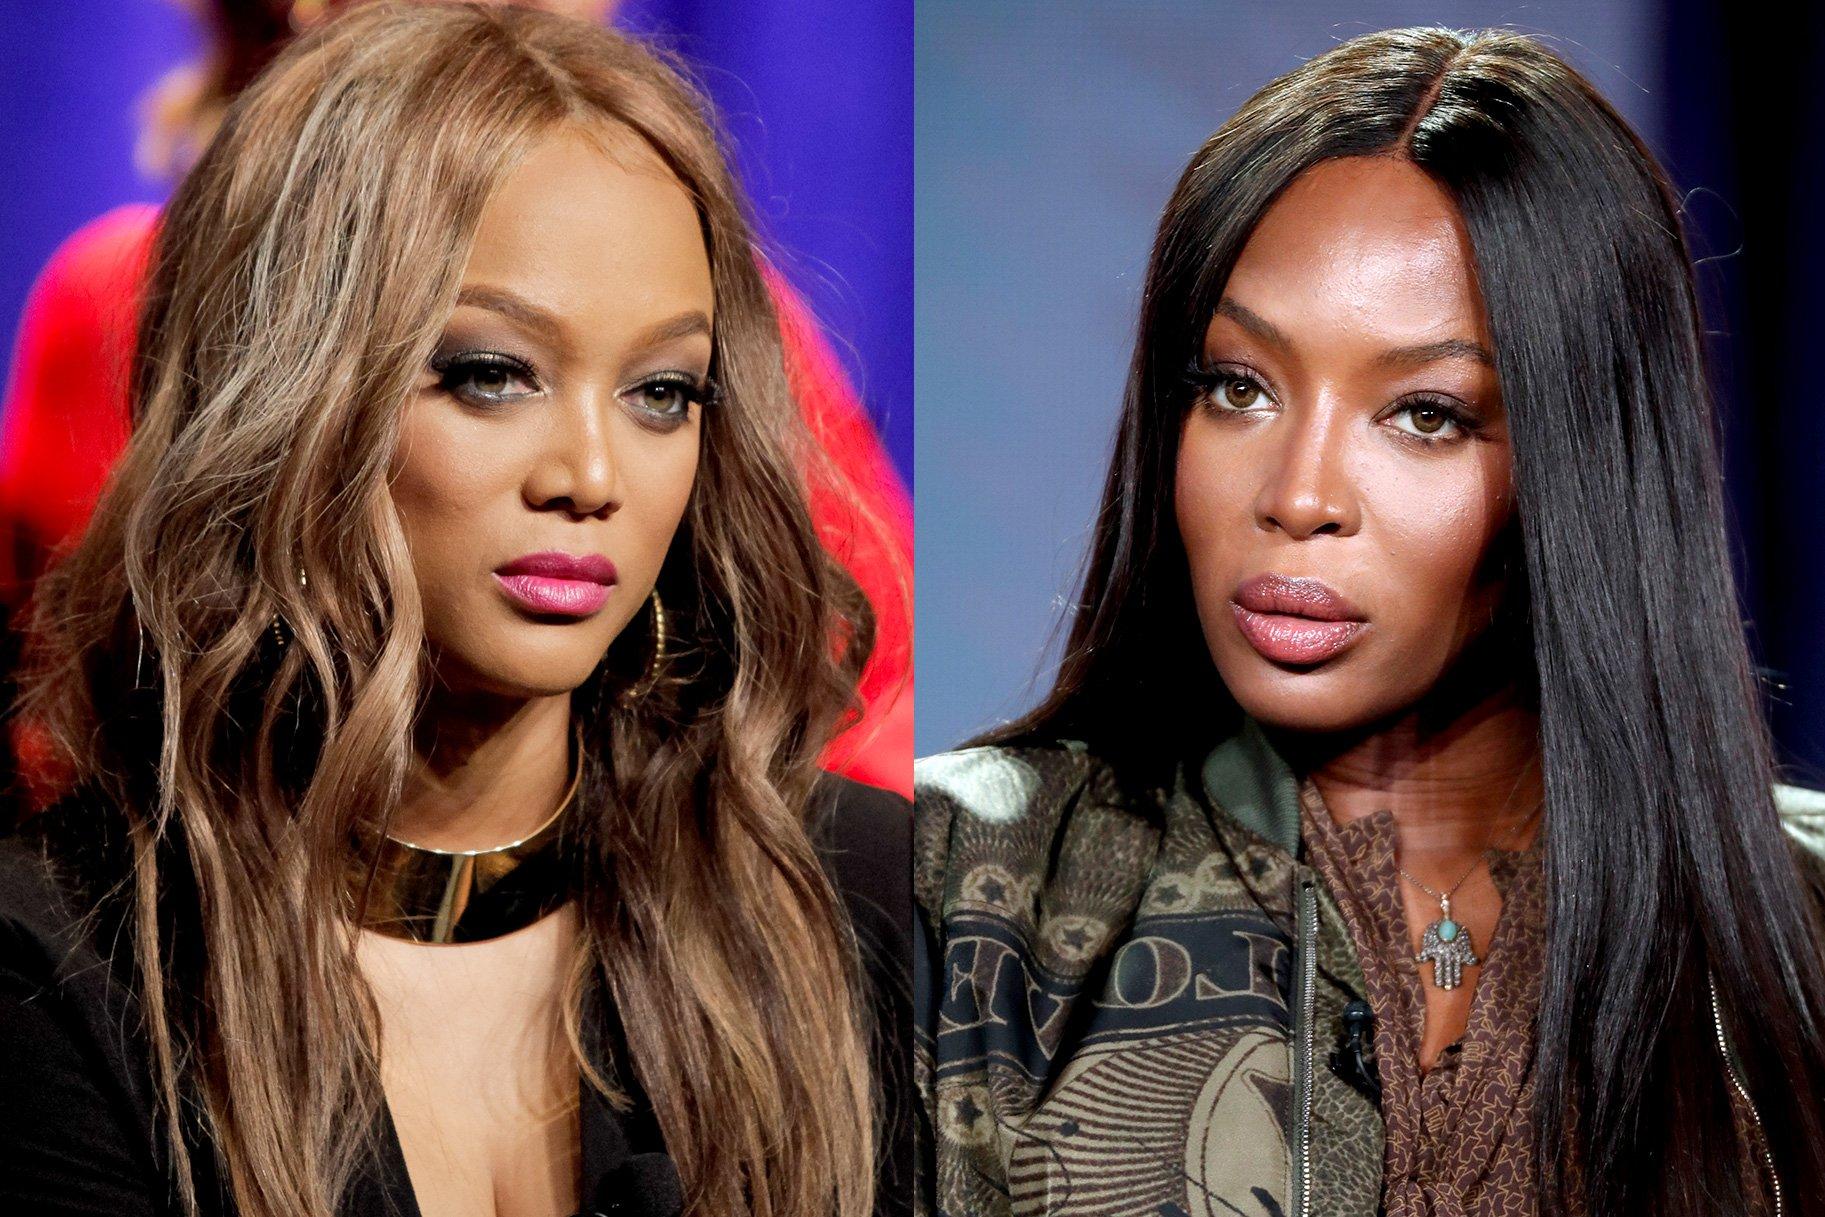 Tyra and Naomi